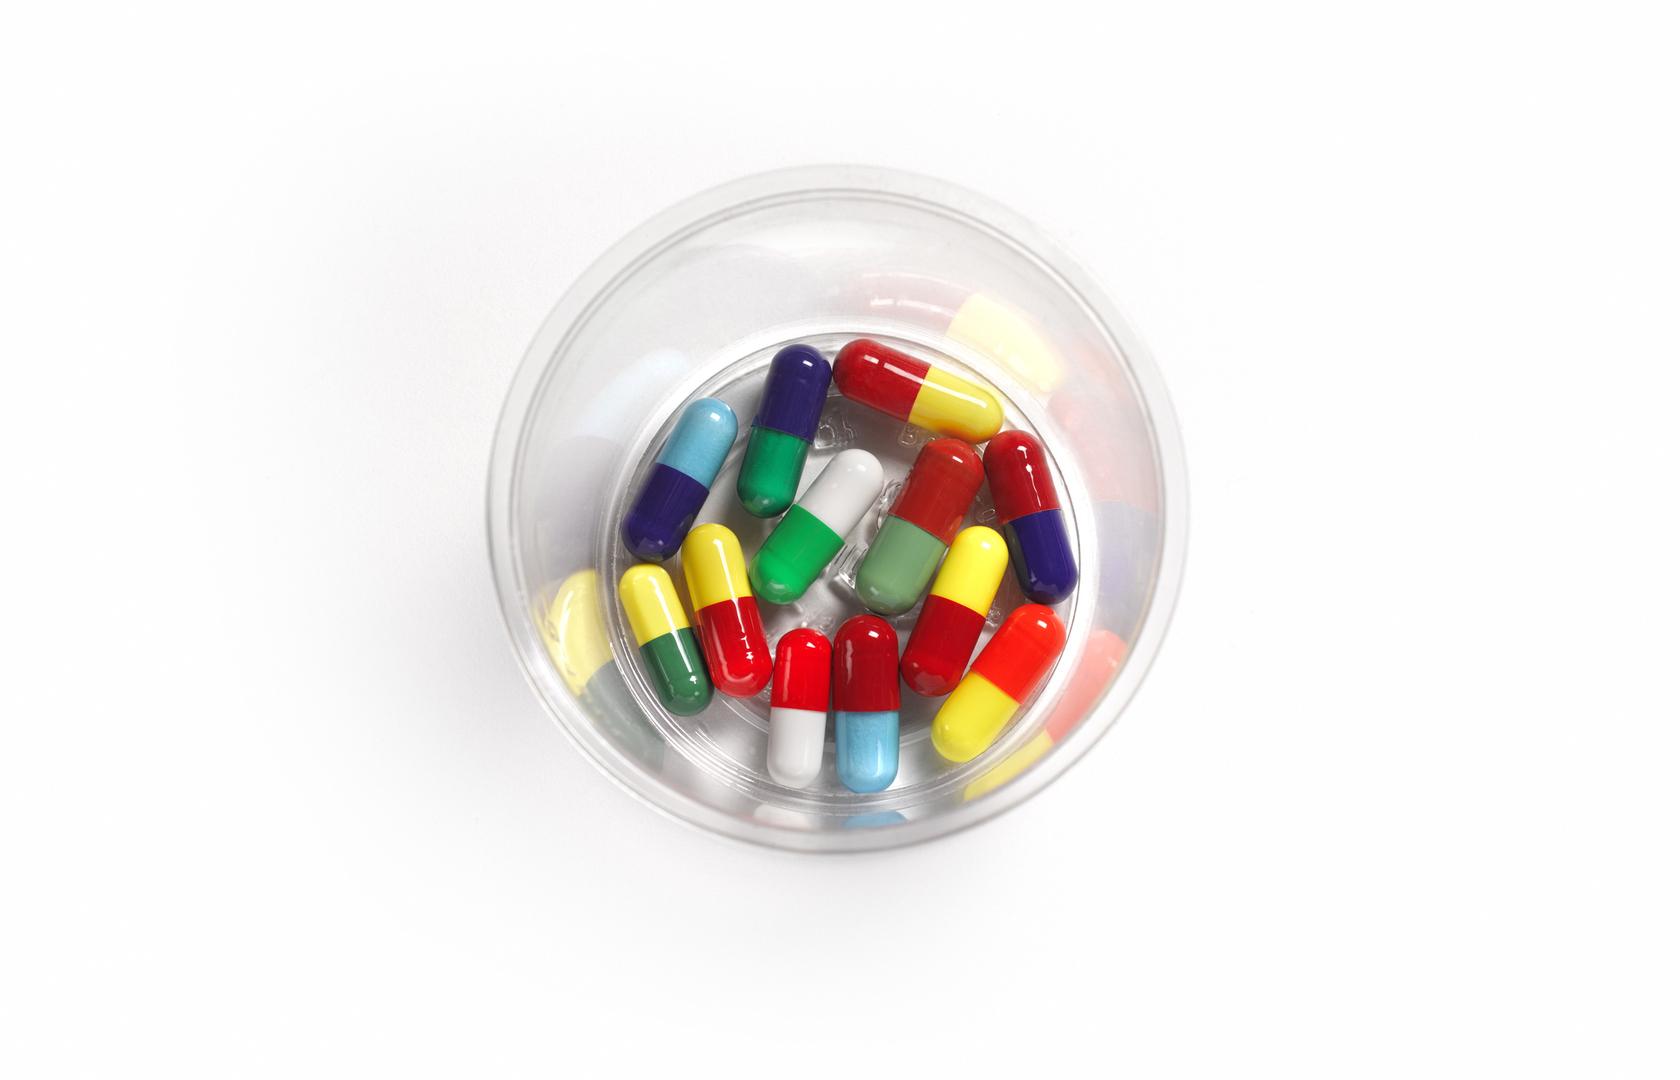 علماء يطورون مضادا حيويا محتملا لمسببات الأمراض المقاومة للأدوية